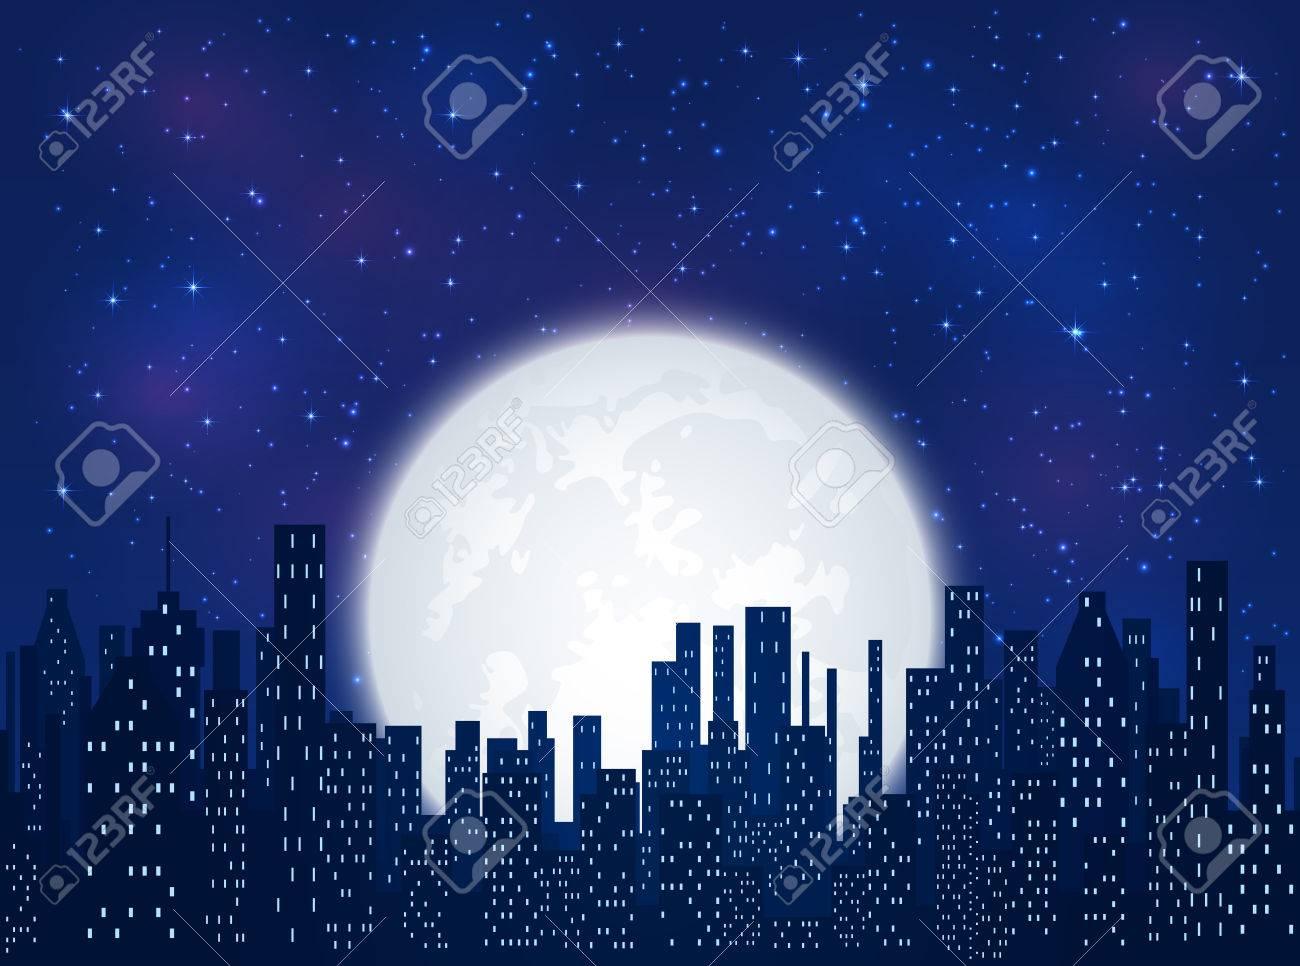 Vettoriale Notte Nella Città Brillanti Stelle E La Luna Su Sfondo